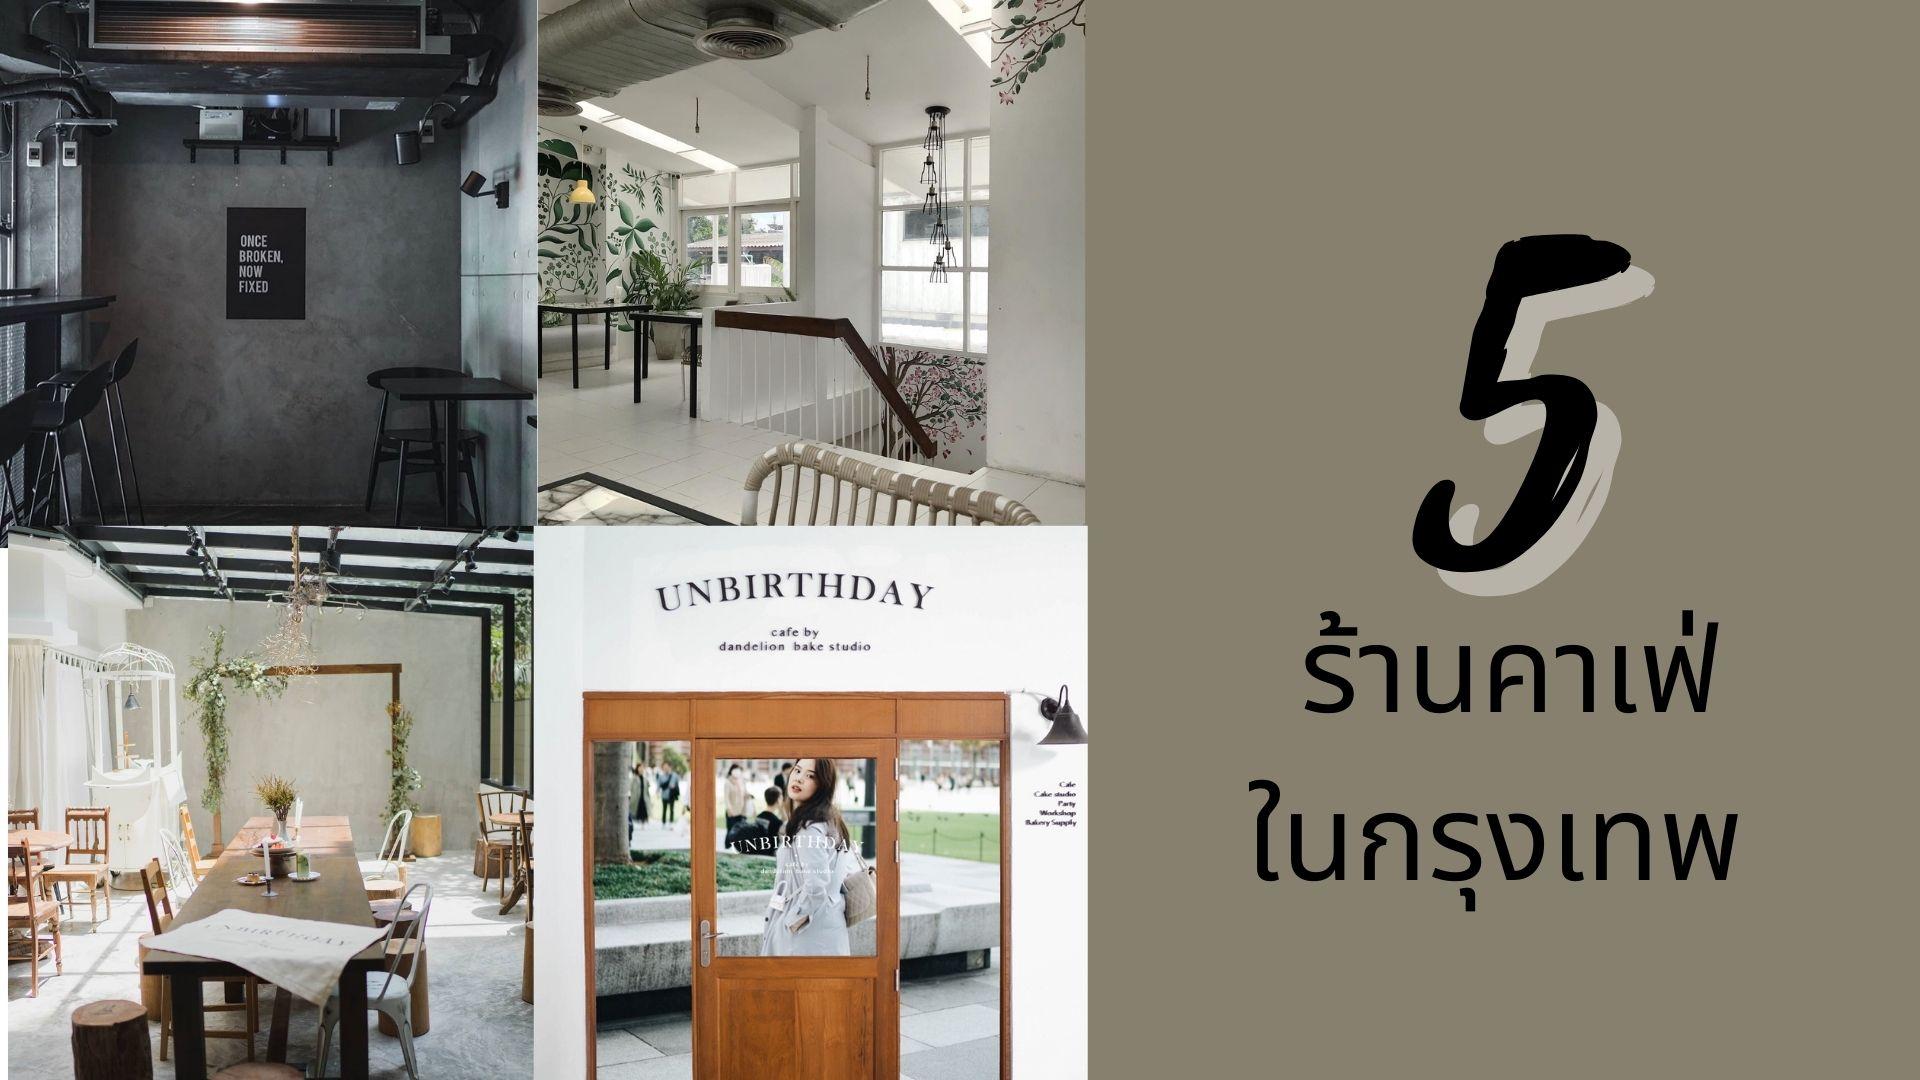 แนะนำ 5 ร้านคาเฟ่ในกรุงเทพ